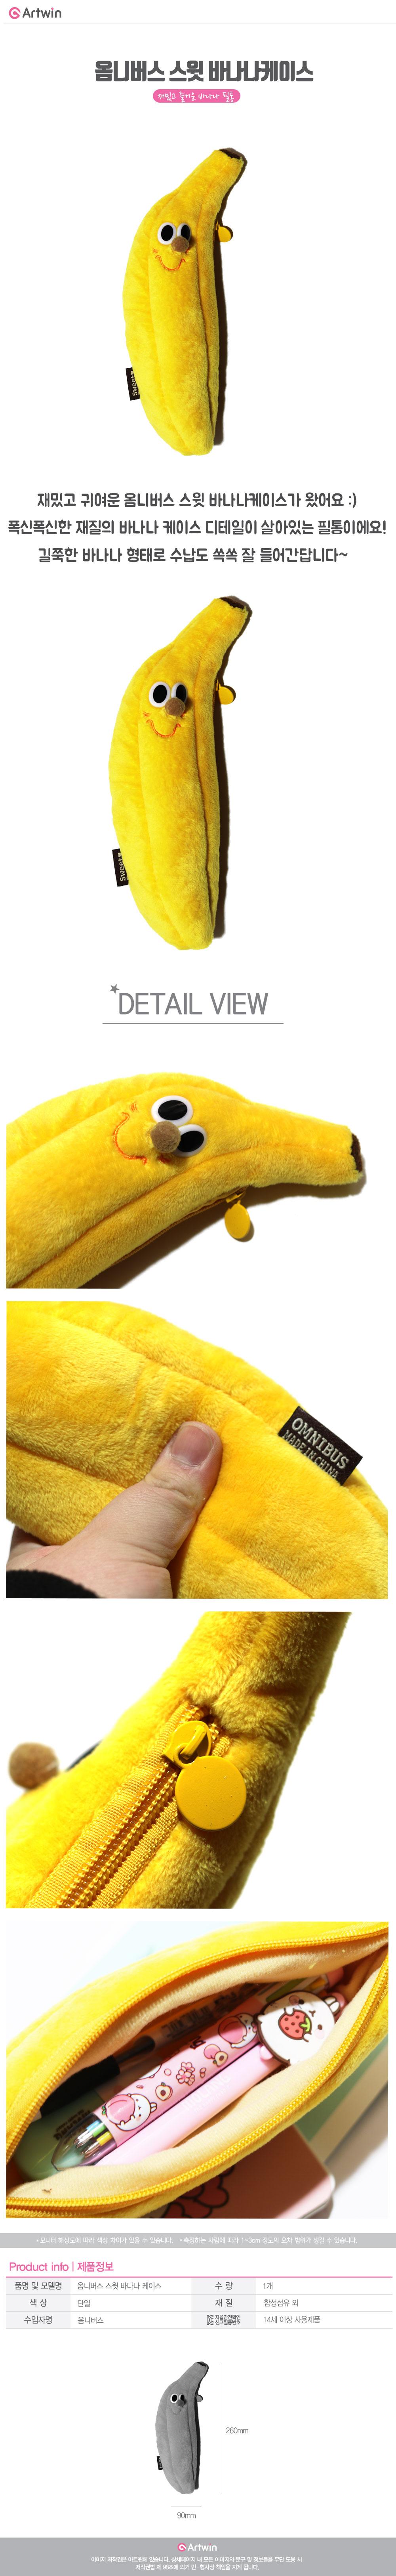 7000옴니버스스윗바나나케이스 - 아트윈, 7,000원, 가죽/합성피혁필통, 캐릭터